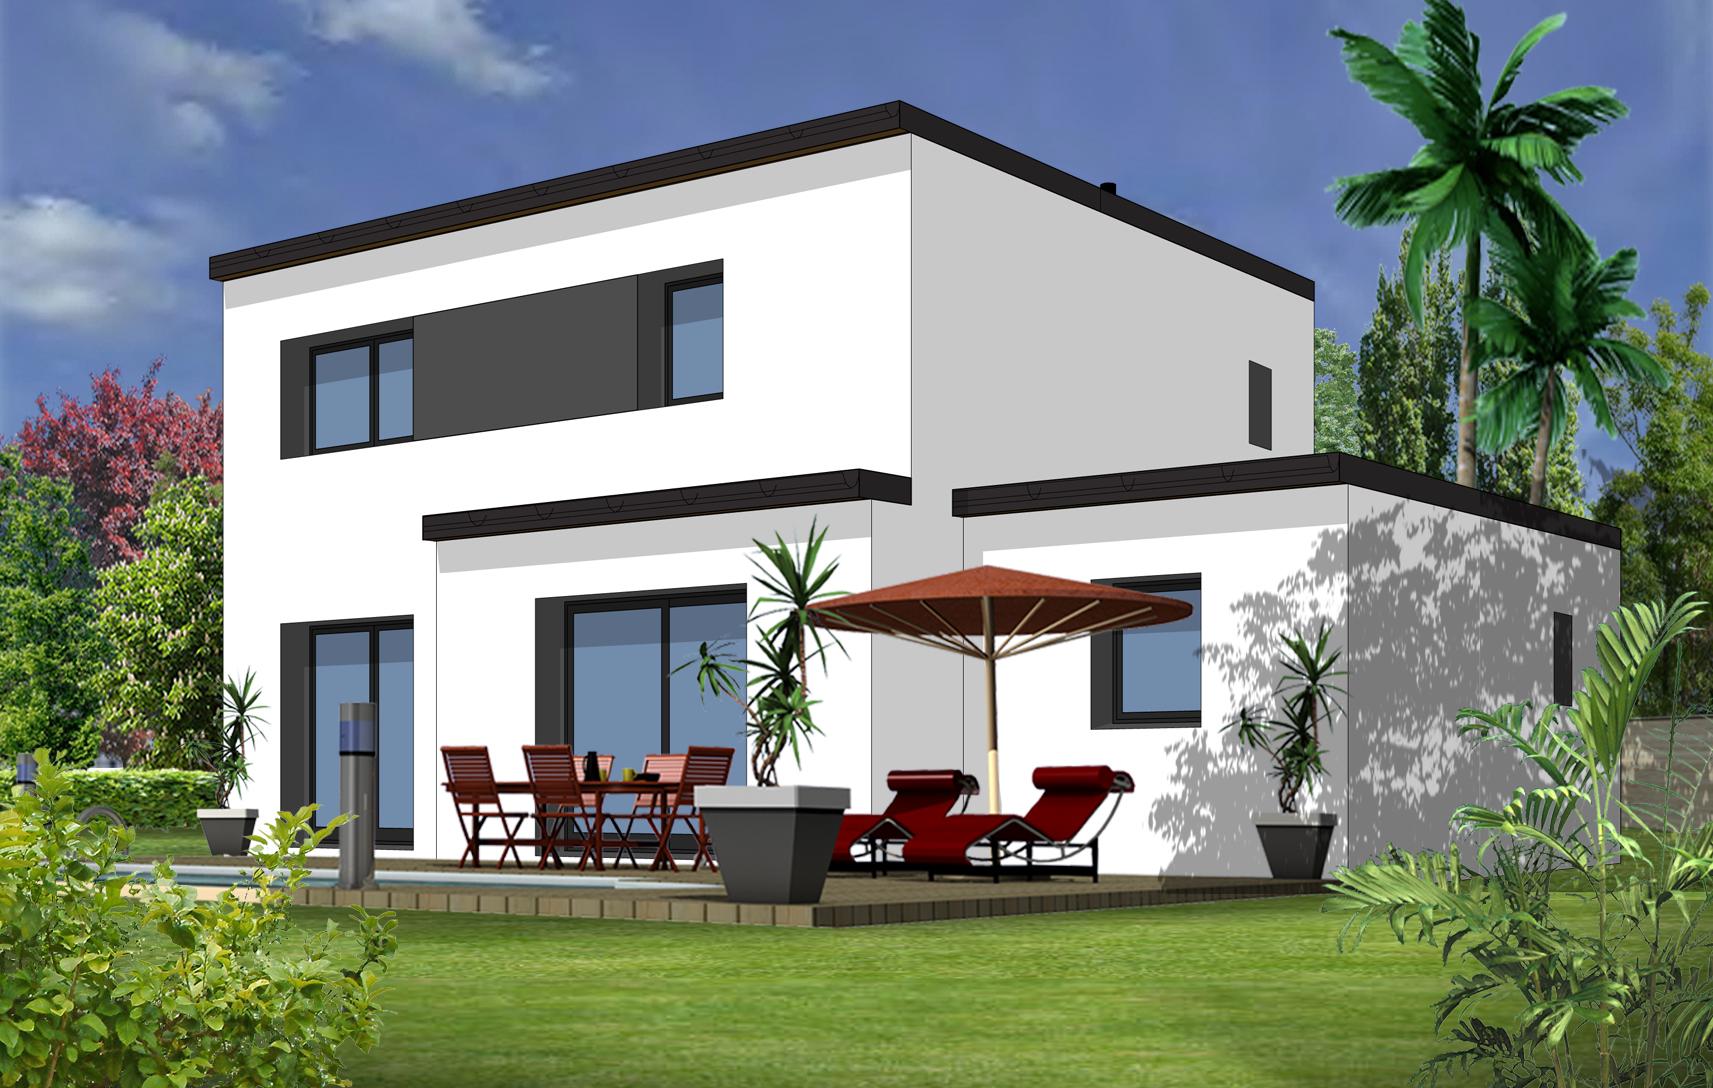 Modele maison maison fran ois fabie for Modele de maison avec garage